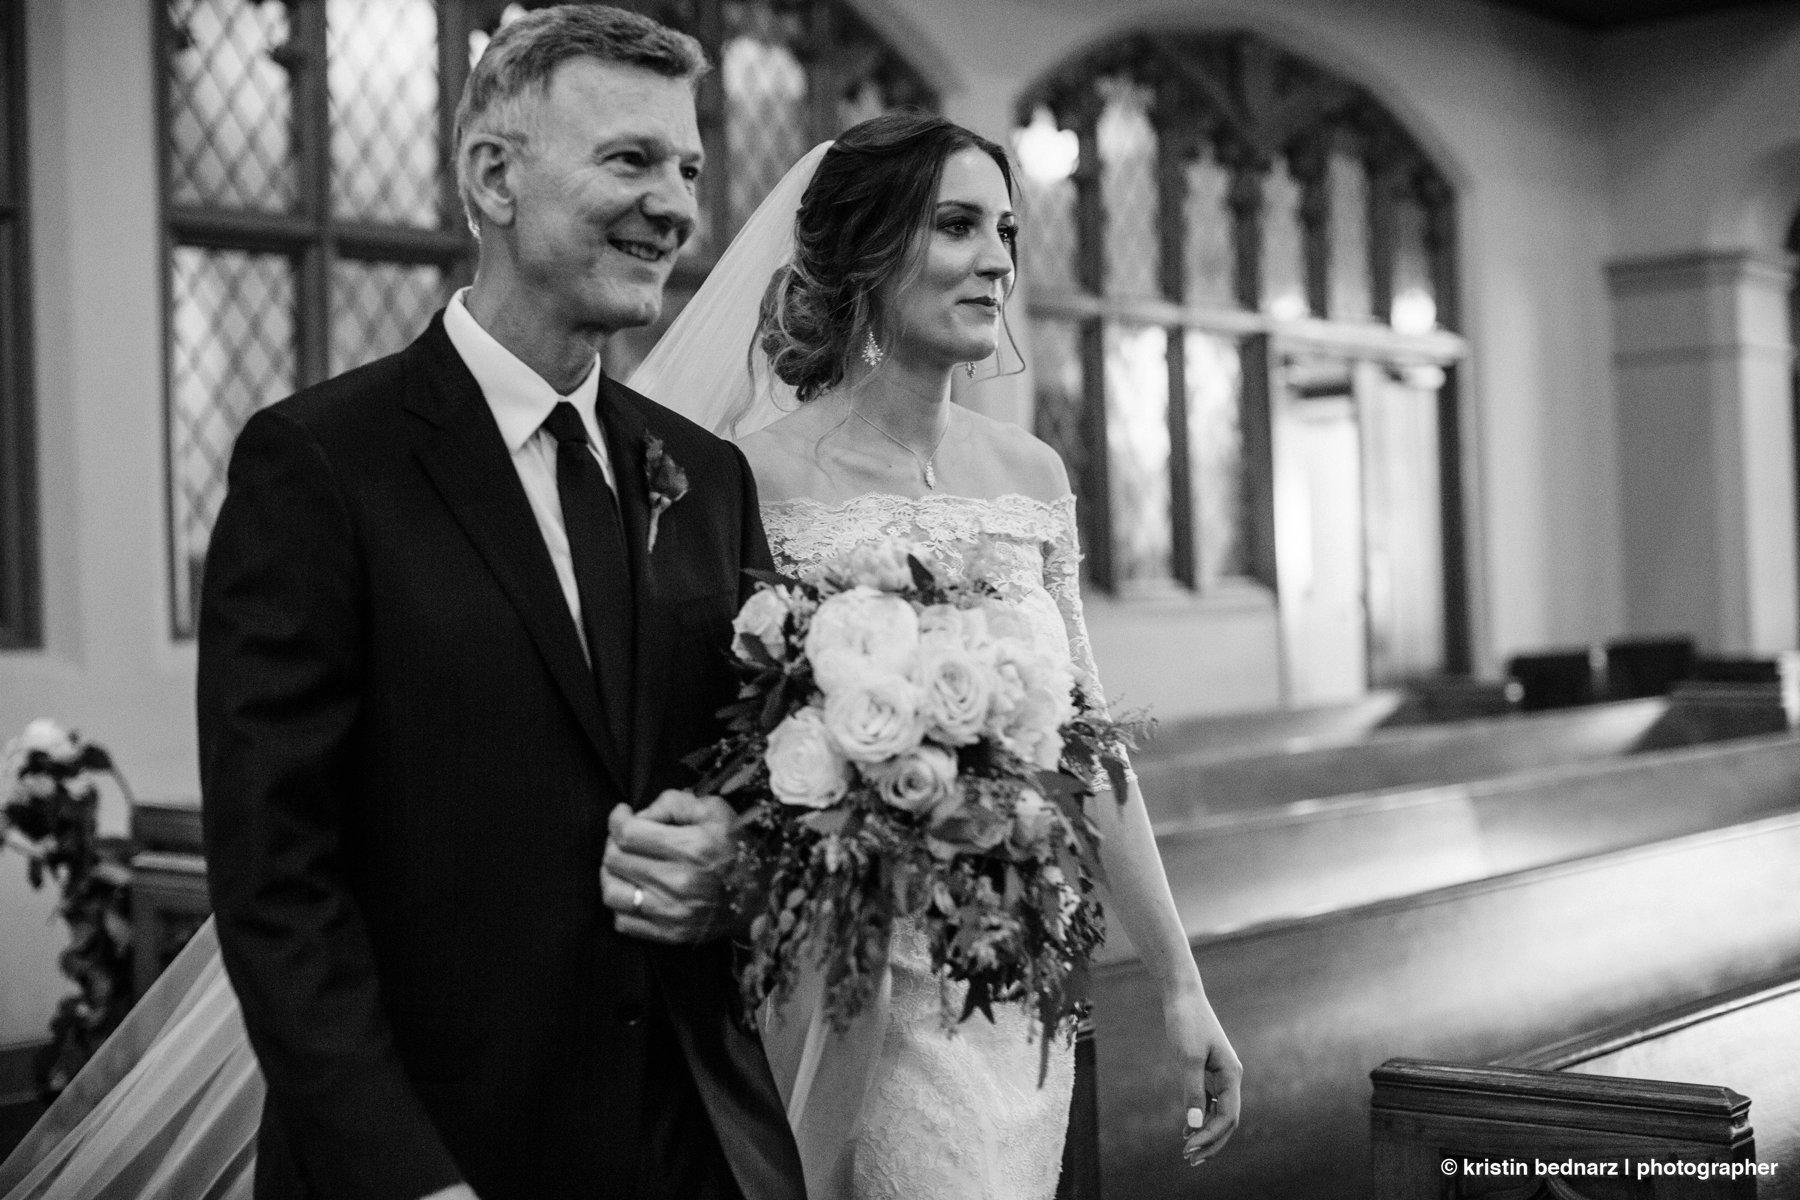 Krisitin_Bednarz_Lubbock_Wedding_Photographer_20180602_0058.JPG